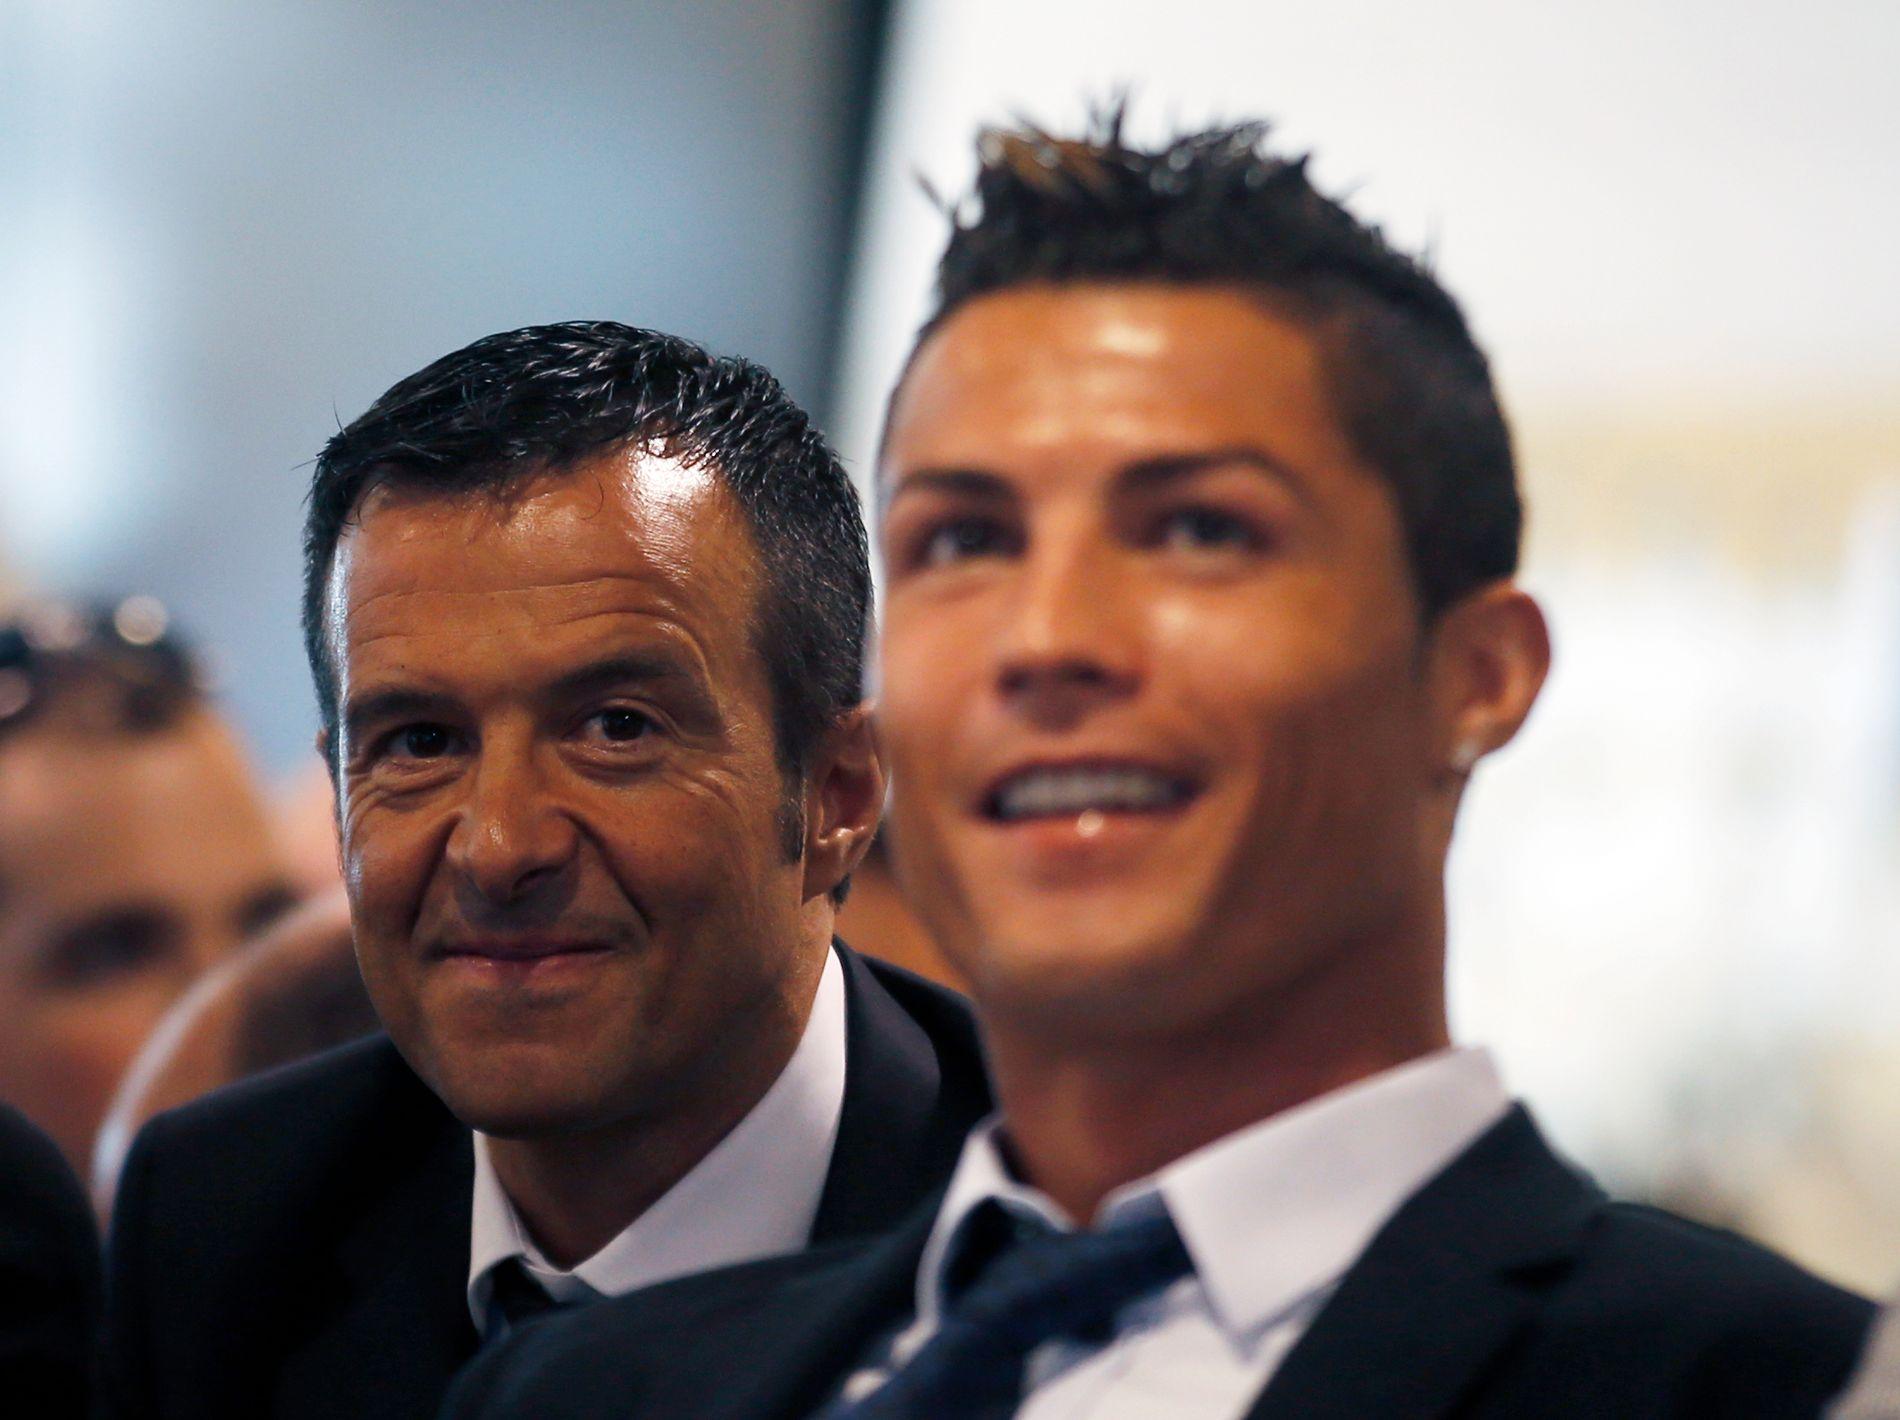 GOD BUTIKK: Fotballagent Jorge Mendes (t.v.) var ikke fornøyd etter at landsmannen og gullkalven hans Cristiano Ronaldo ikke stakk av med hovedprisen på UEFA-gallaen i Monaco. Her fra 2013 under et arrangement på Santiago Bernabeu-stadion i Madrid, det som inntil forrige sesong var Ronaldos hjemmebane.